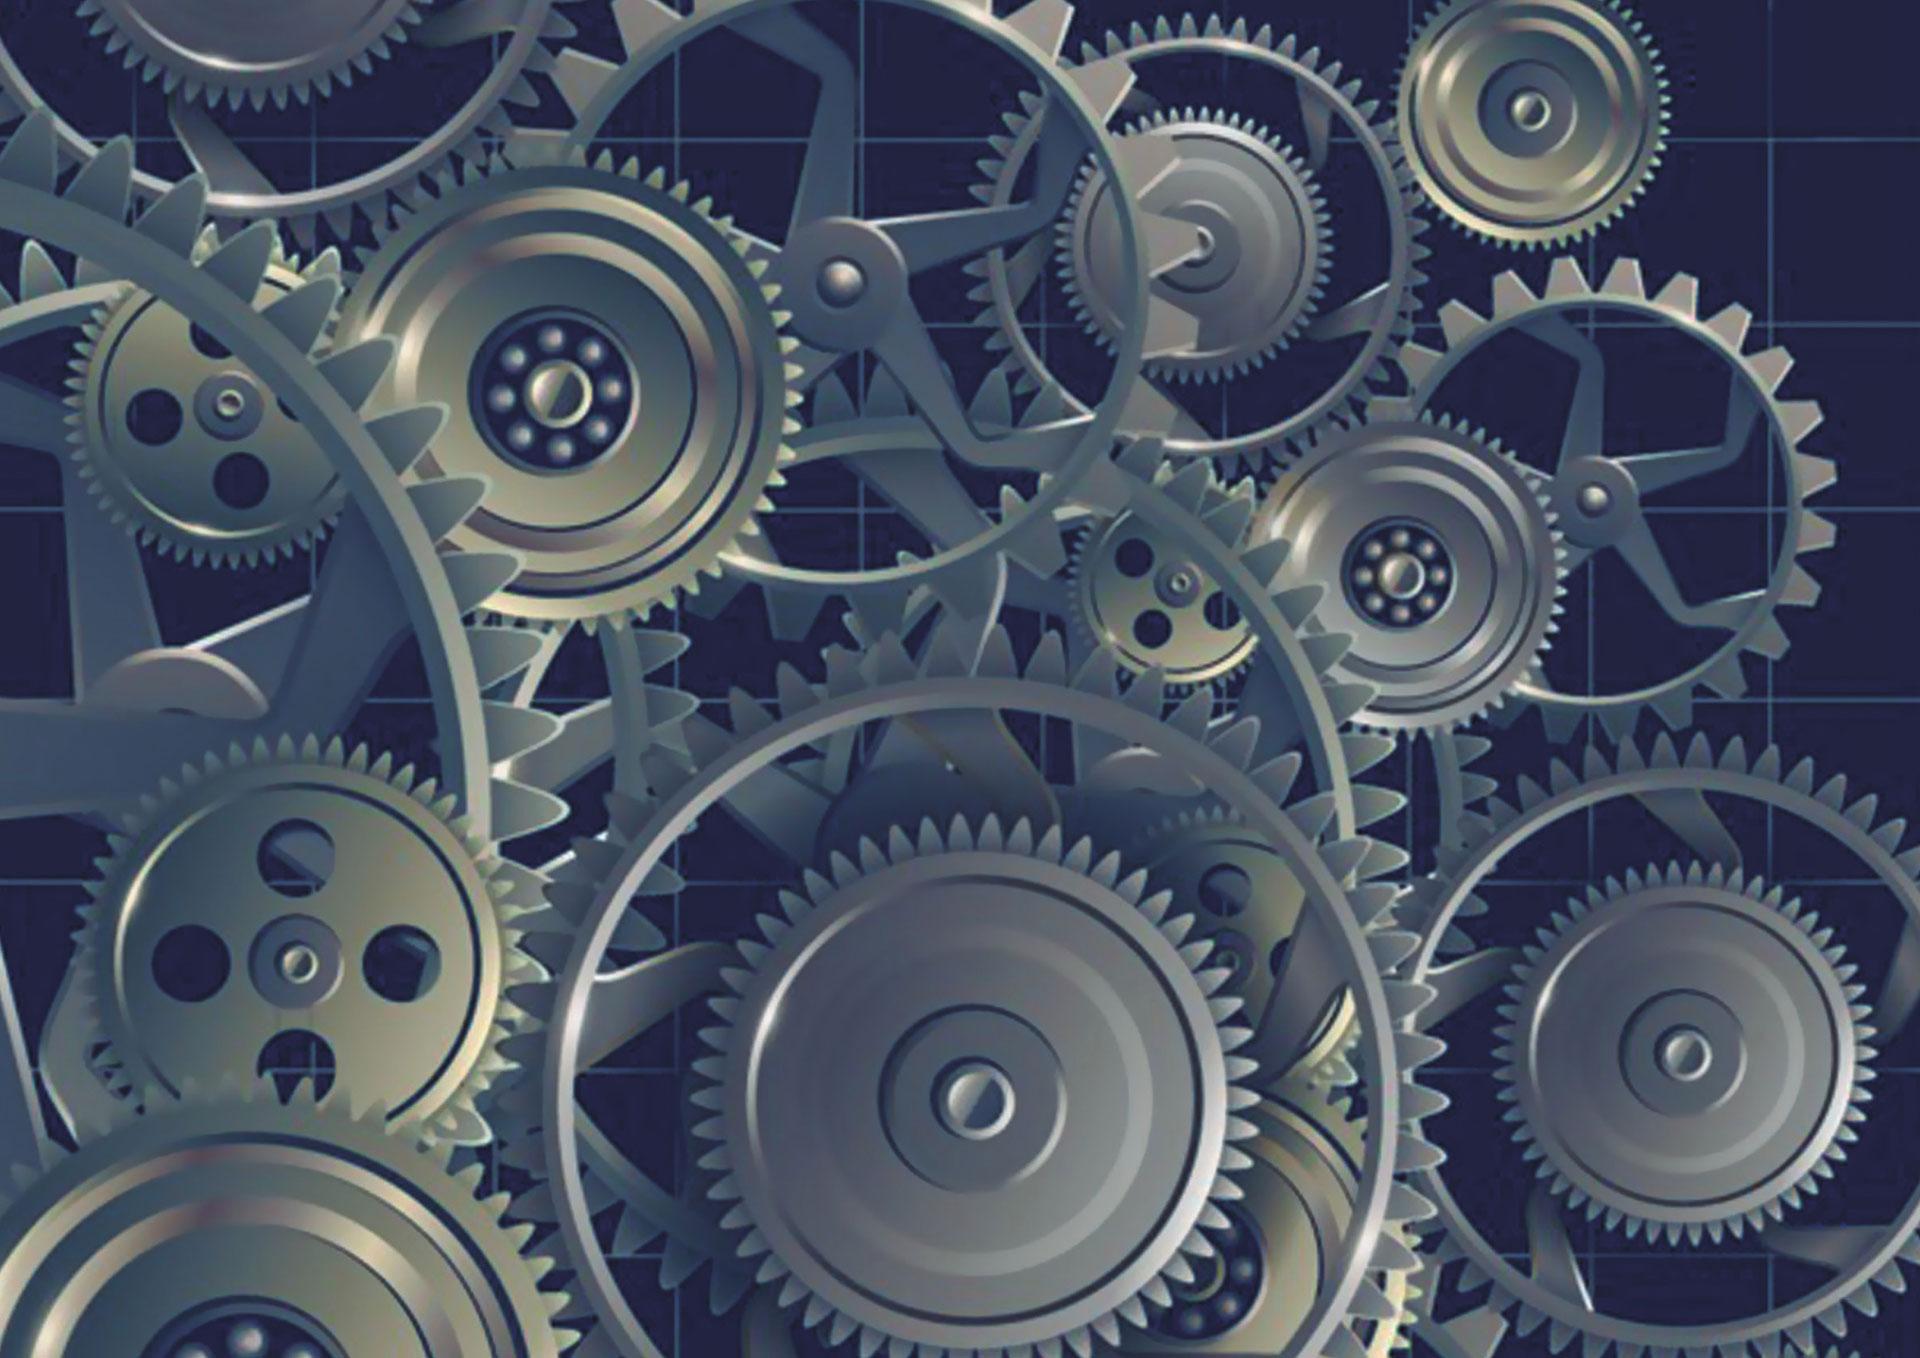 foto-portada-catalogo-ldm-maquinaria-000